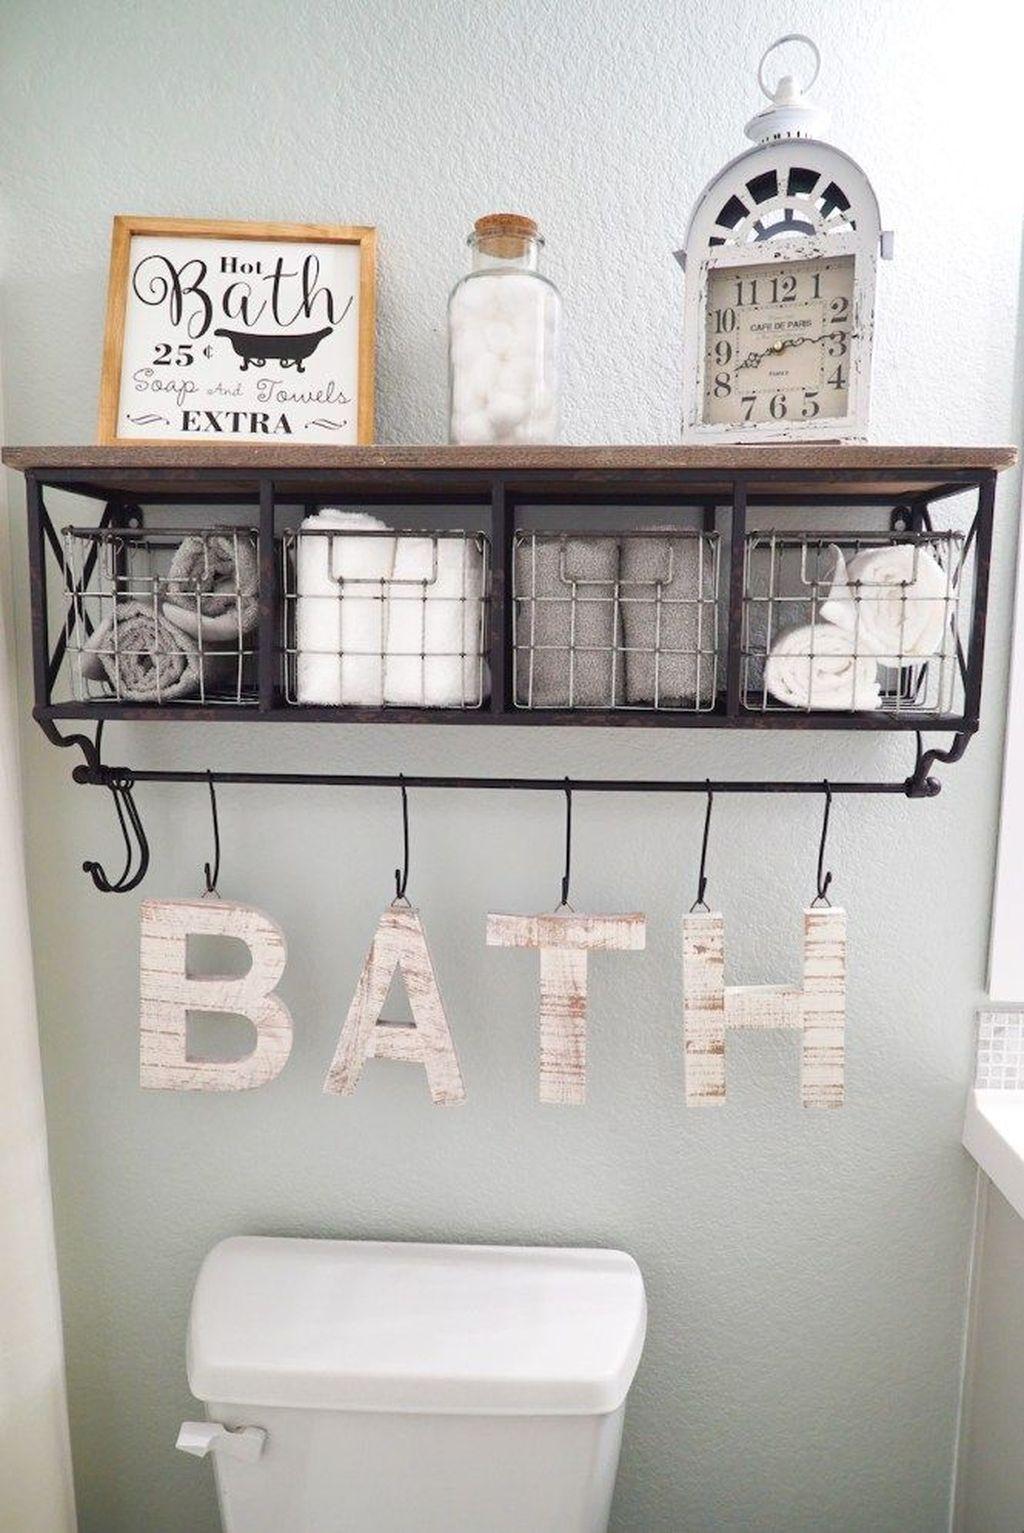 Diy bathroom wall decor ideas  unique diy home decor ideas for your home  bath ideas